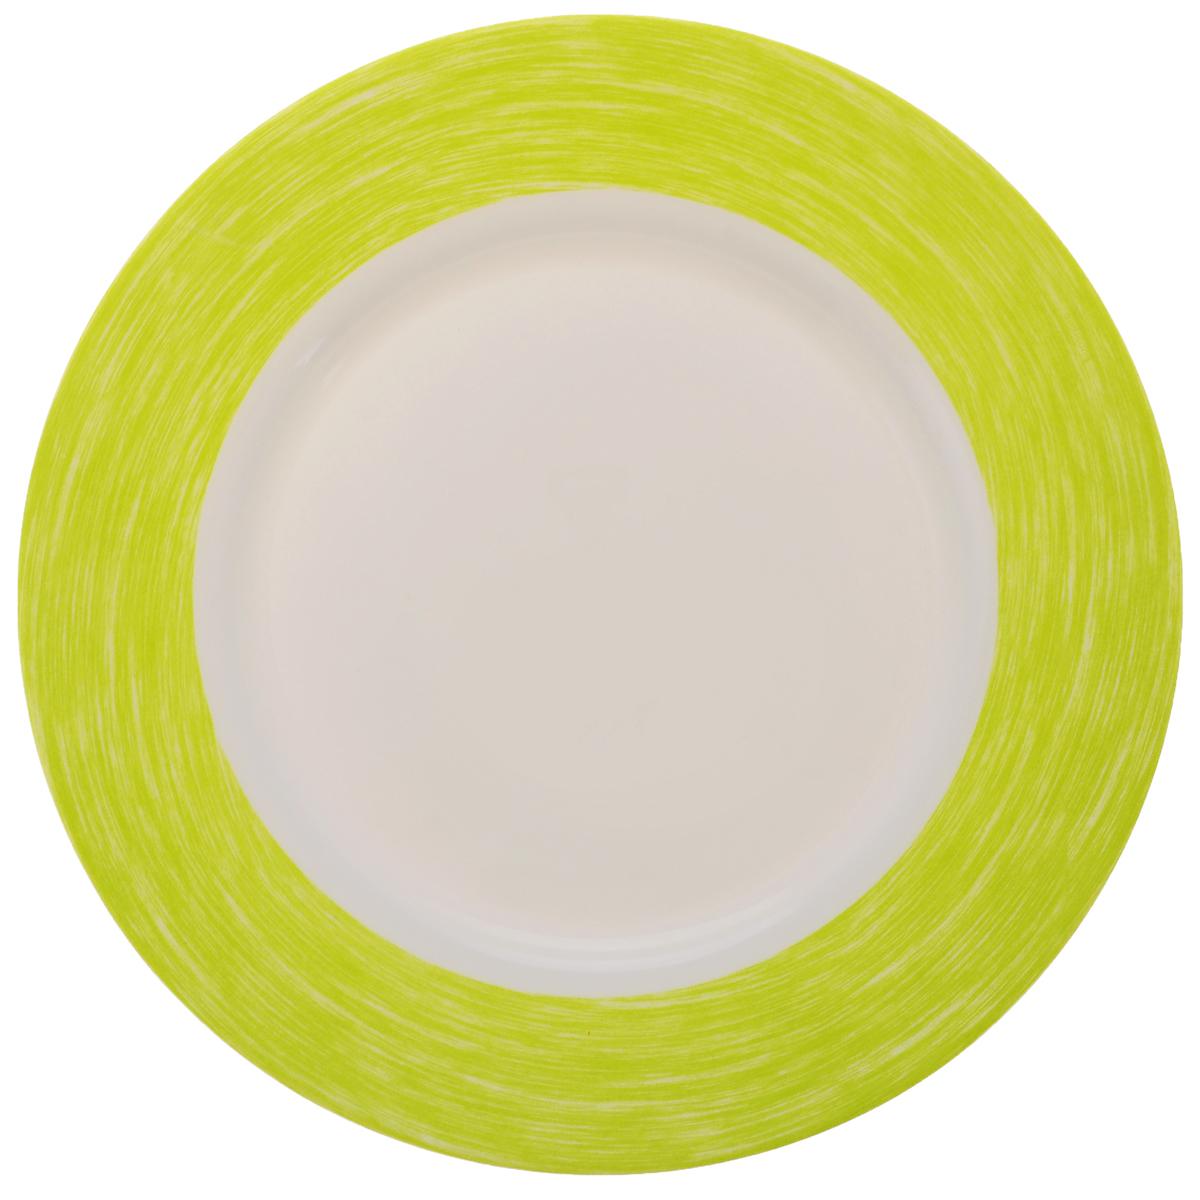 Тарелка обеденная Luminarc Color Days Anis, диаметр 24 смL1464Обеденная тарелка Luminarc Color Days Anis, изготовленная из высококачественного стекла, имеет изысканный внешний вид. Яркий дизайн придется по вкусу и ценителям классики, и тем, кто предпочитает утонченность. Тарелка Luminarc Color Days Anis идеально подойдет для сервировки стола и станет отличным подарком к любому празднику. Диаметр (по верхнему краю): 24 см.